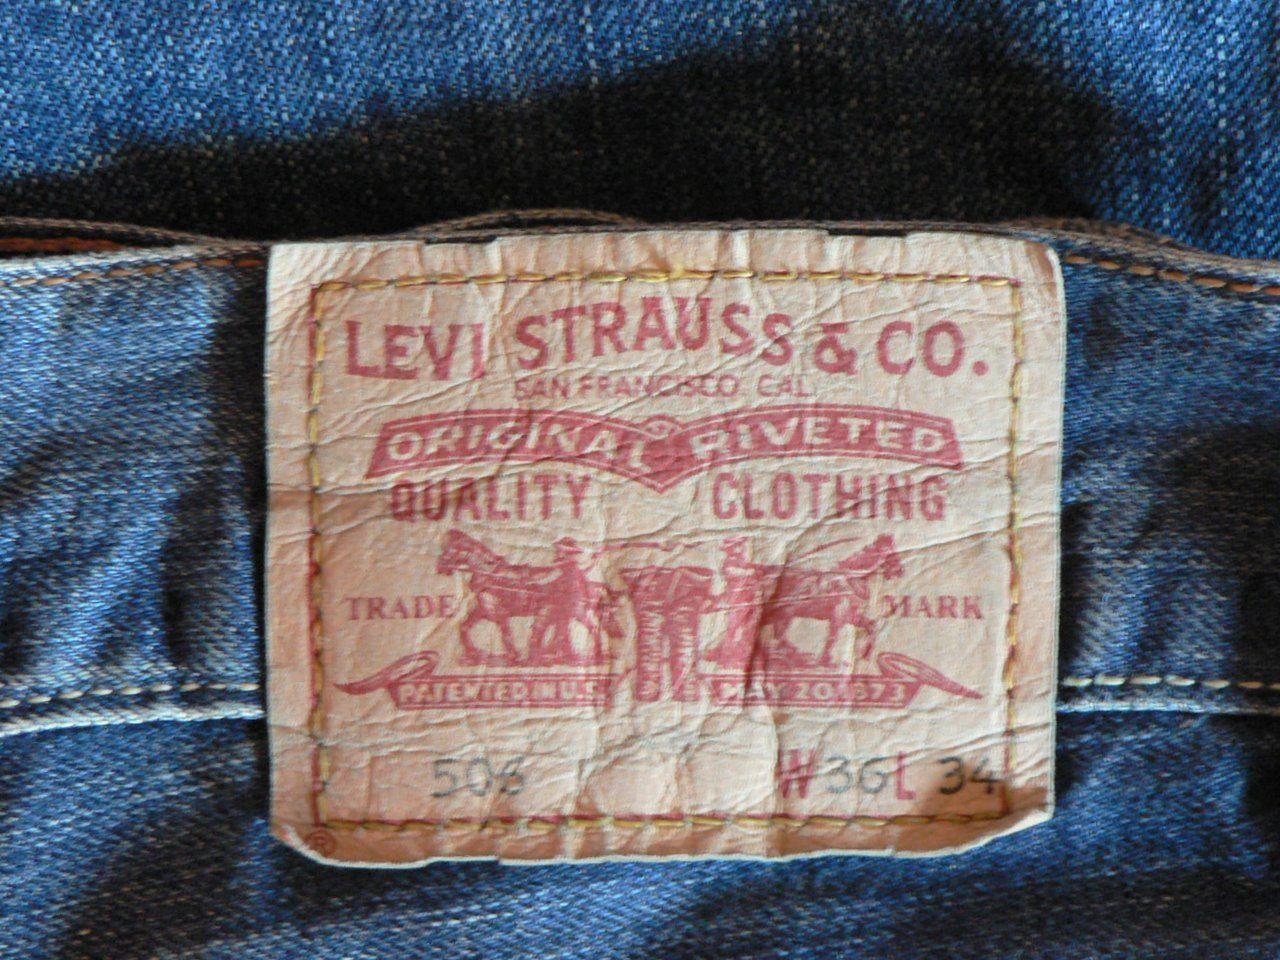 e28c67fc2 Your LEVI'S Jeans Return Warranty | Levi's guarentee | Jeans, Levi ...